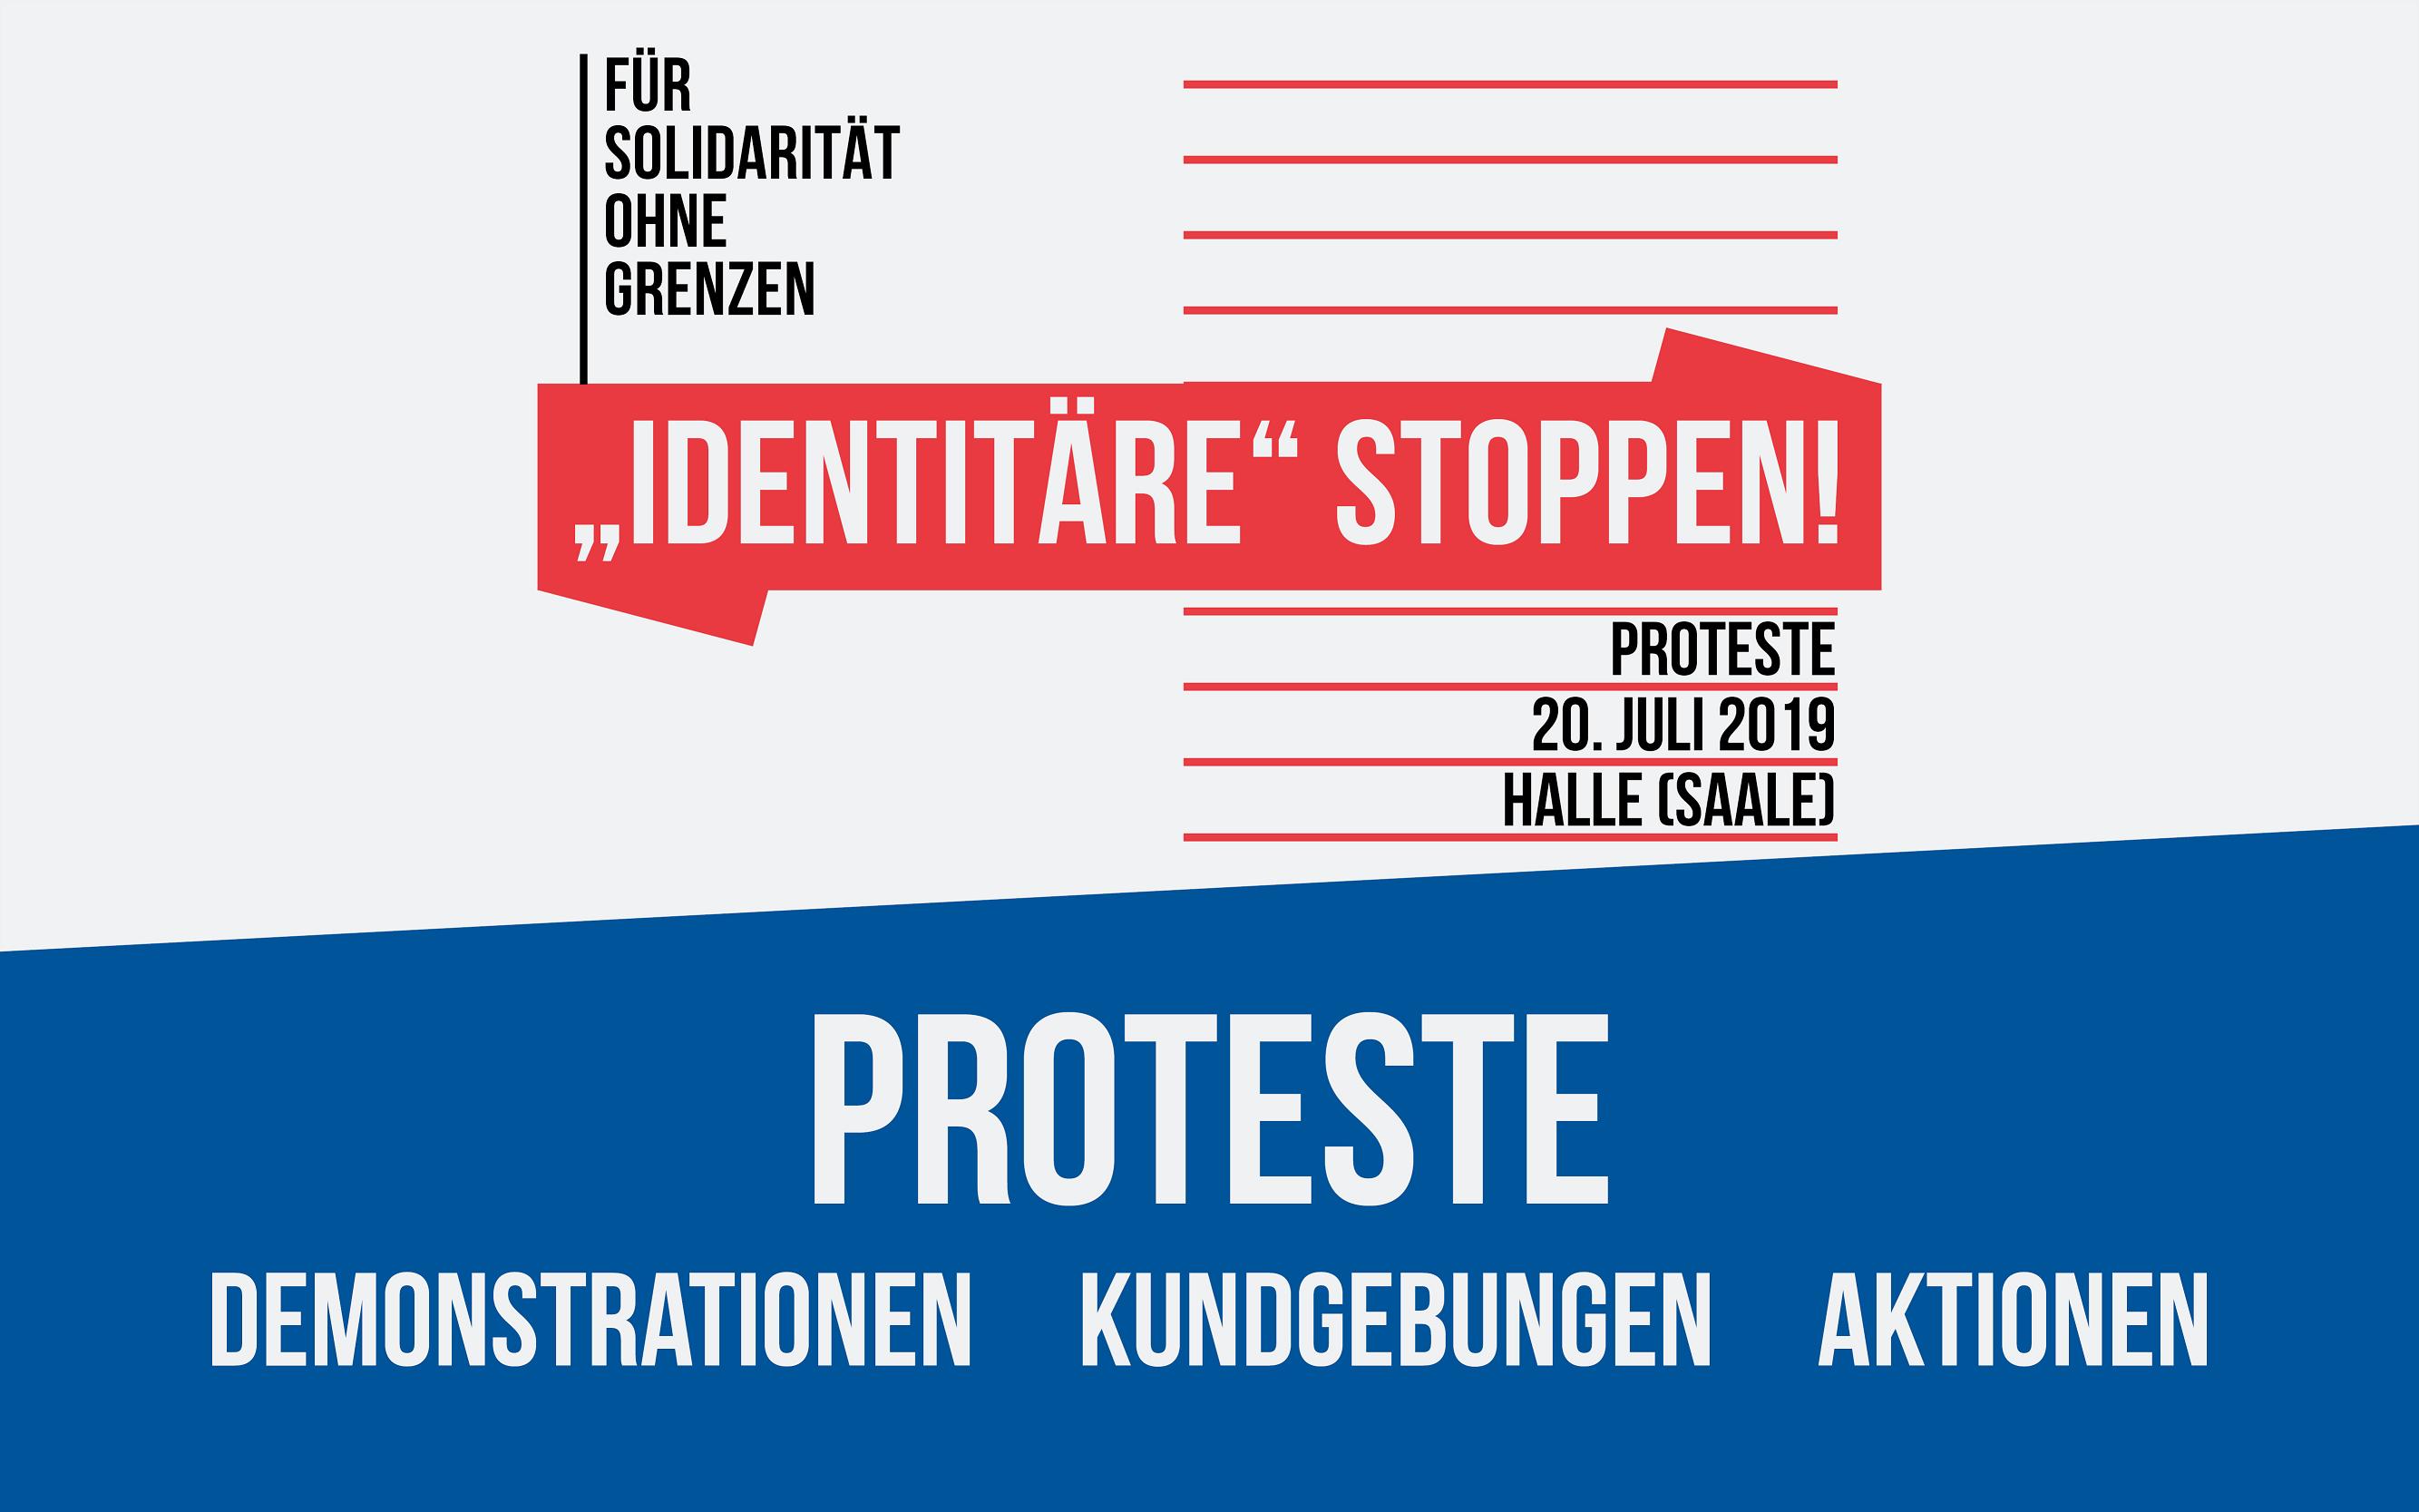 Proteste - Demonstrationen, Kundgebungen und Aktionen